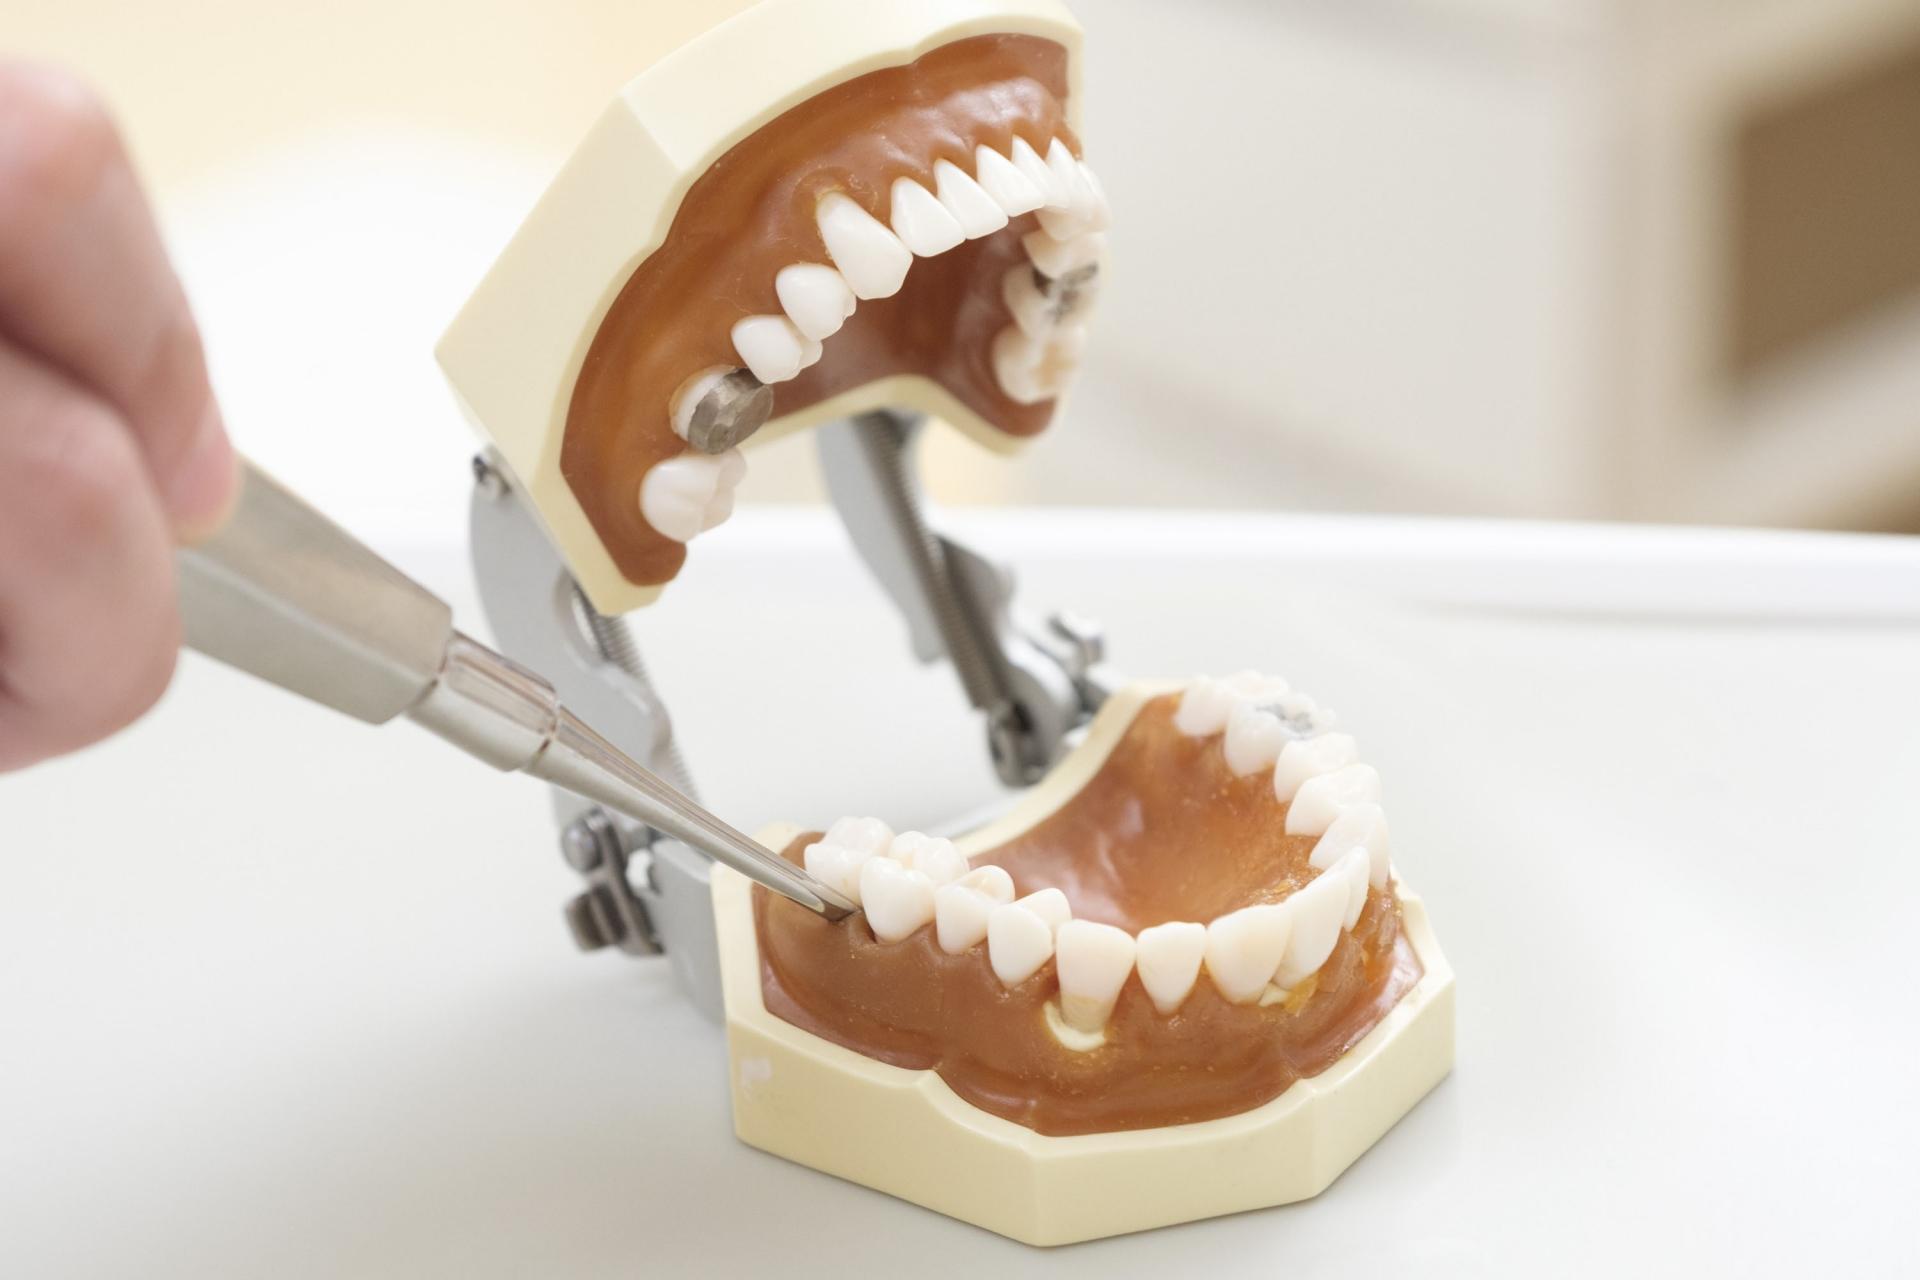 インビザライン 抜歯 タイミング